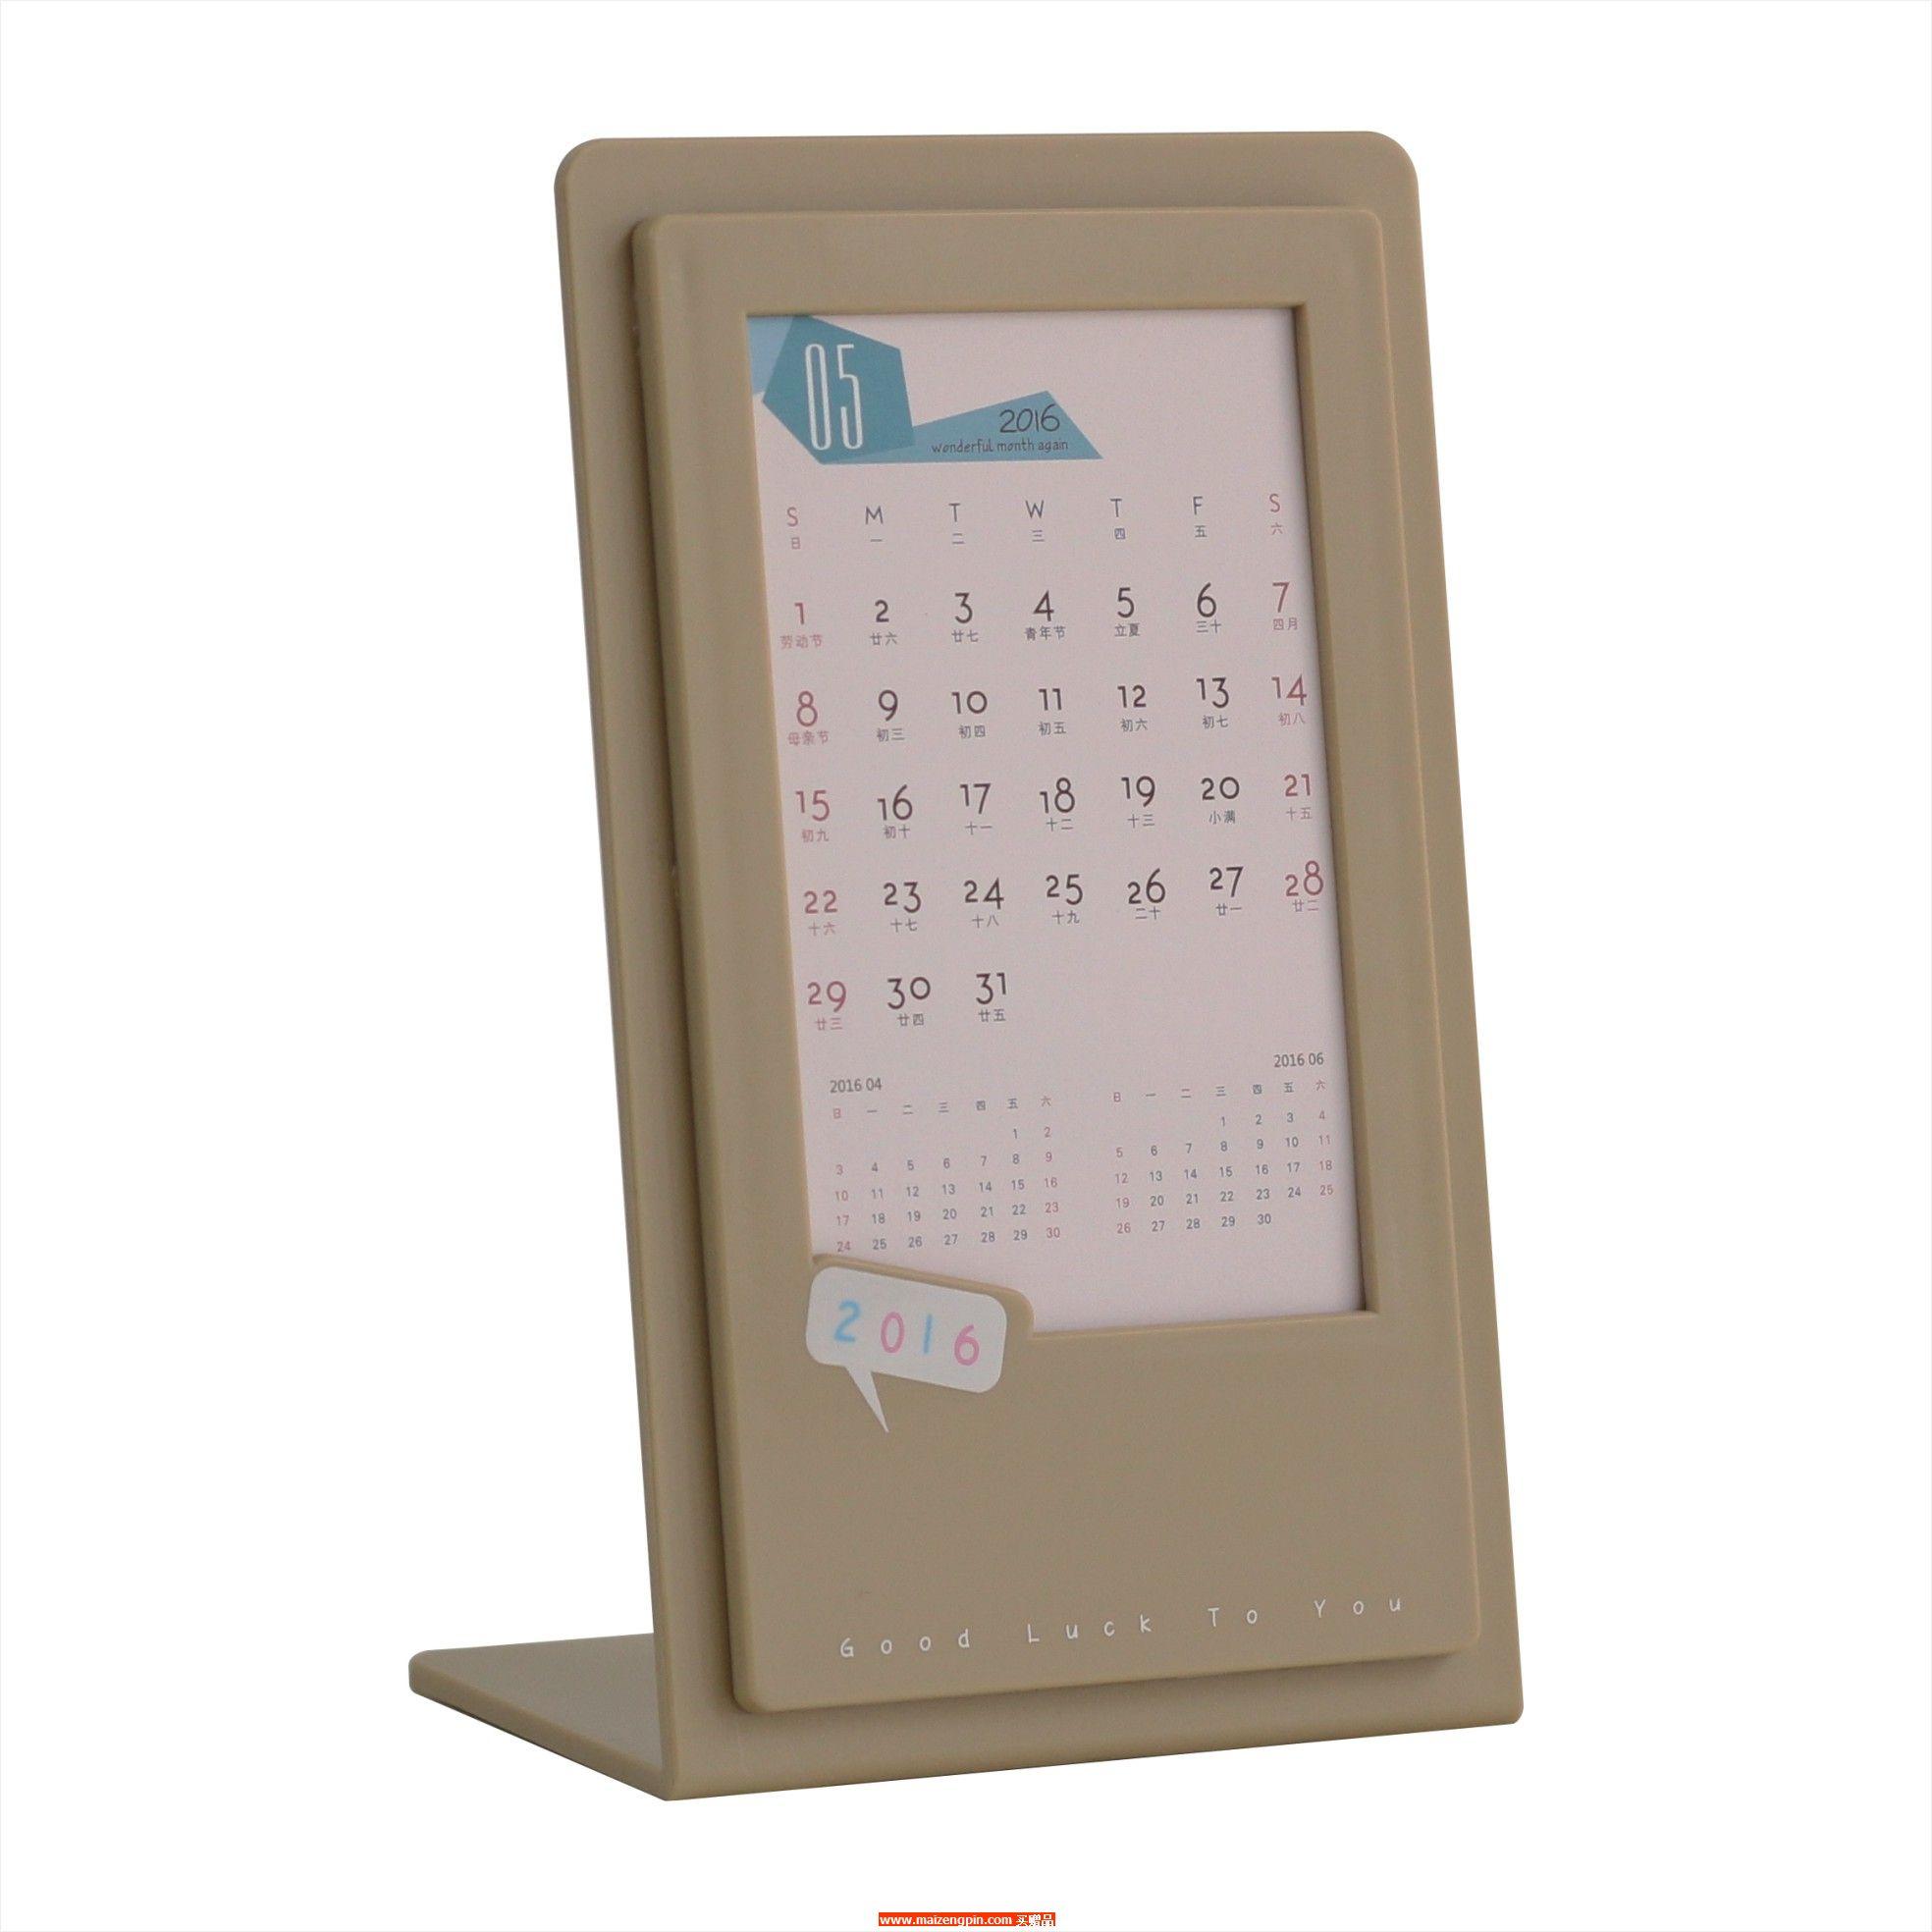 占西礼品SD系列赠品2910 插盒型台历